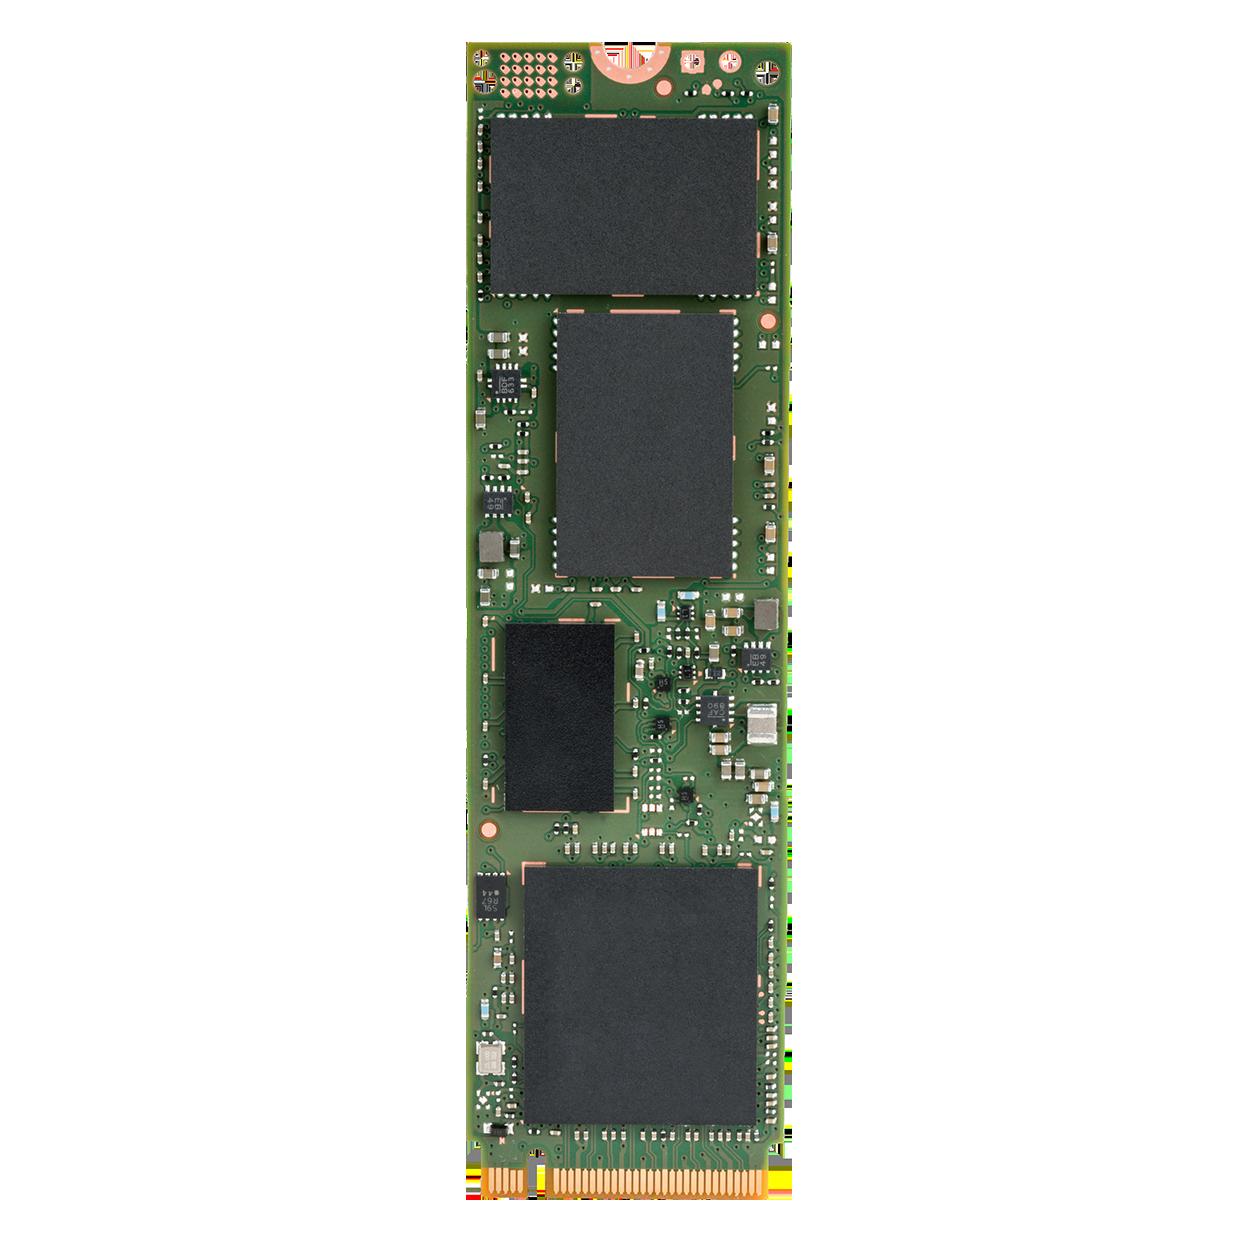 Intel® SSD DC P3100 Series, 256GB, M.2 80mm PCIe 3.0 x4, 3D1, TLC